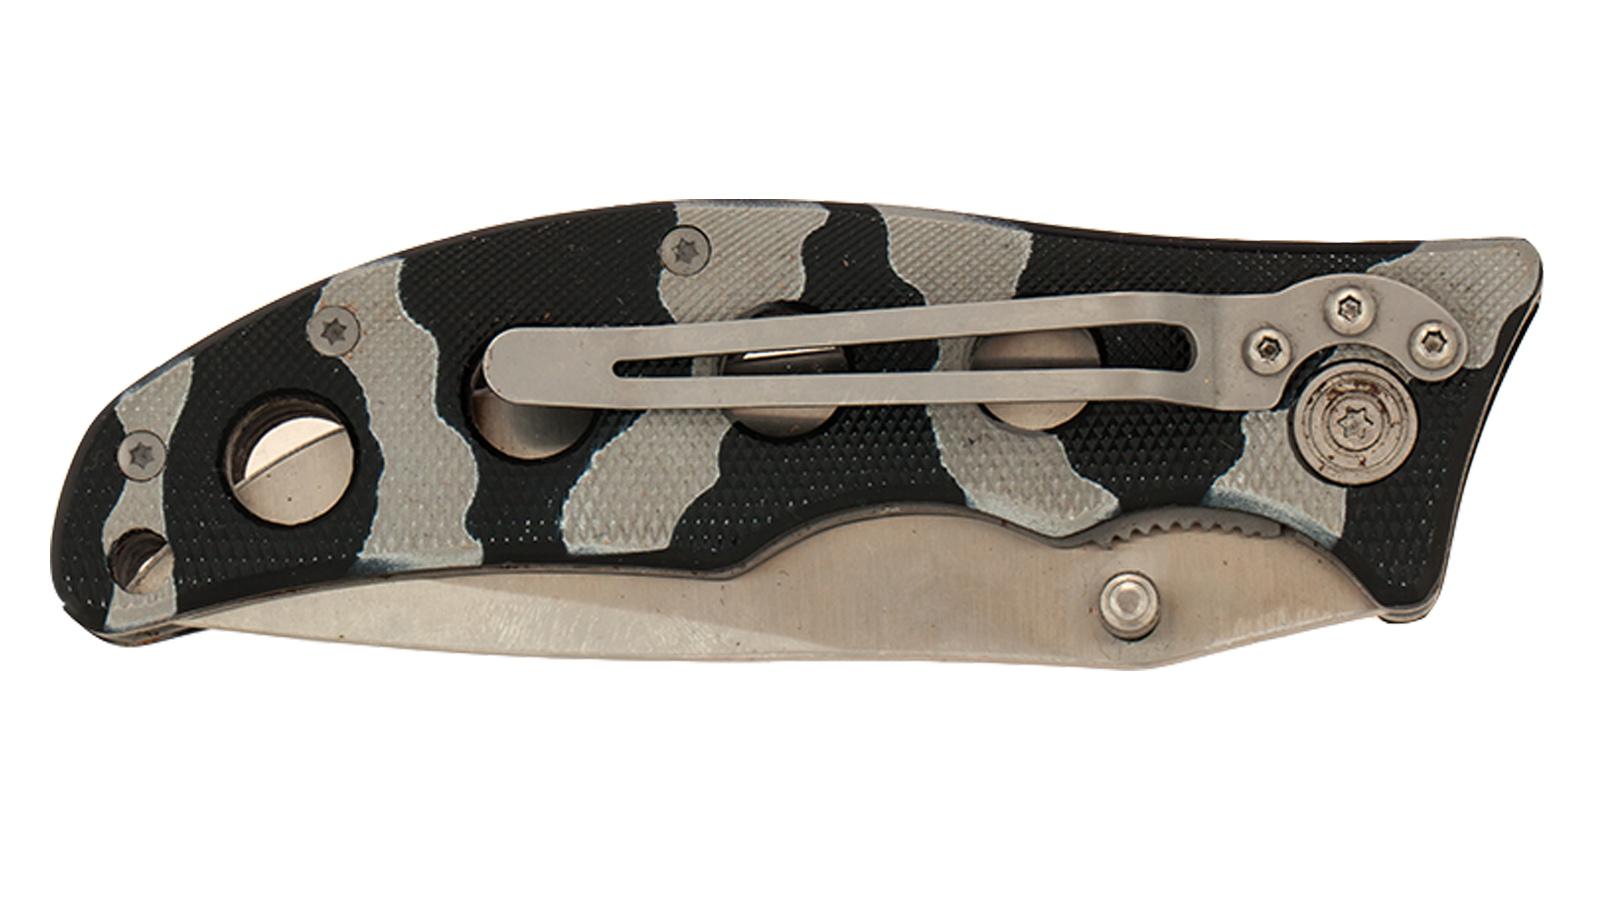 Тактический нож Herbertz Einhandmesser Tarndesign 245312 (Германия) - купить оптом